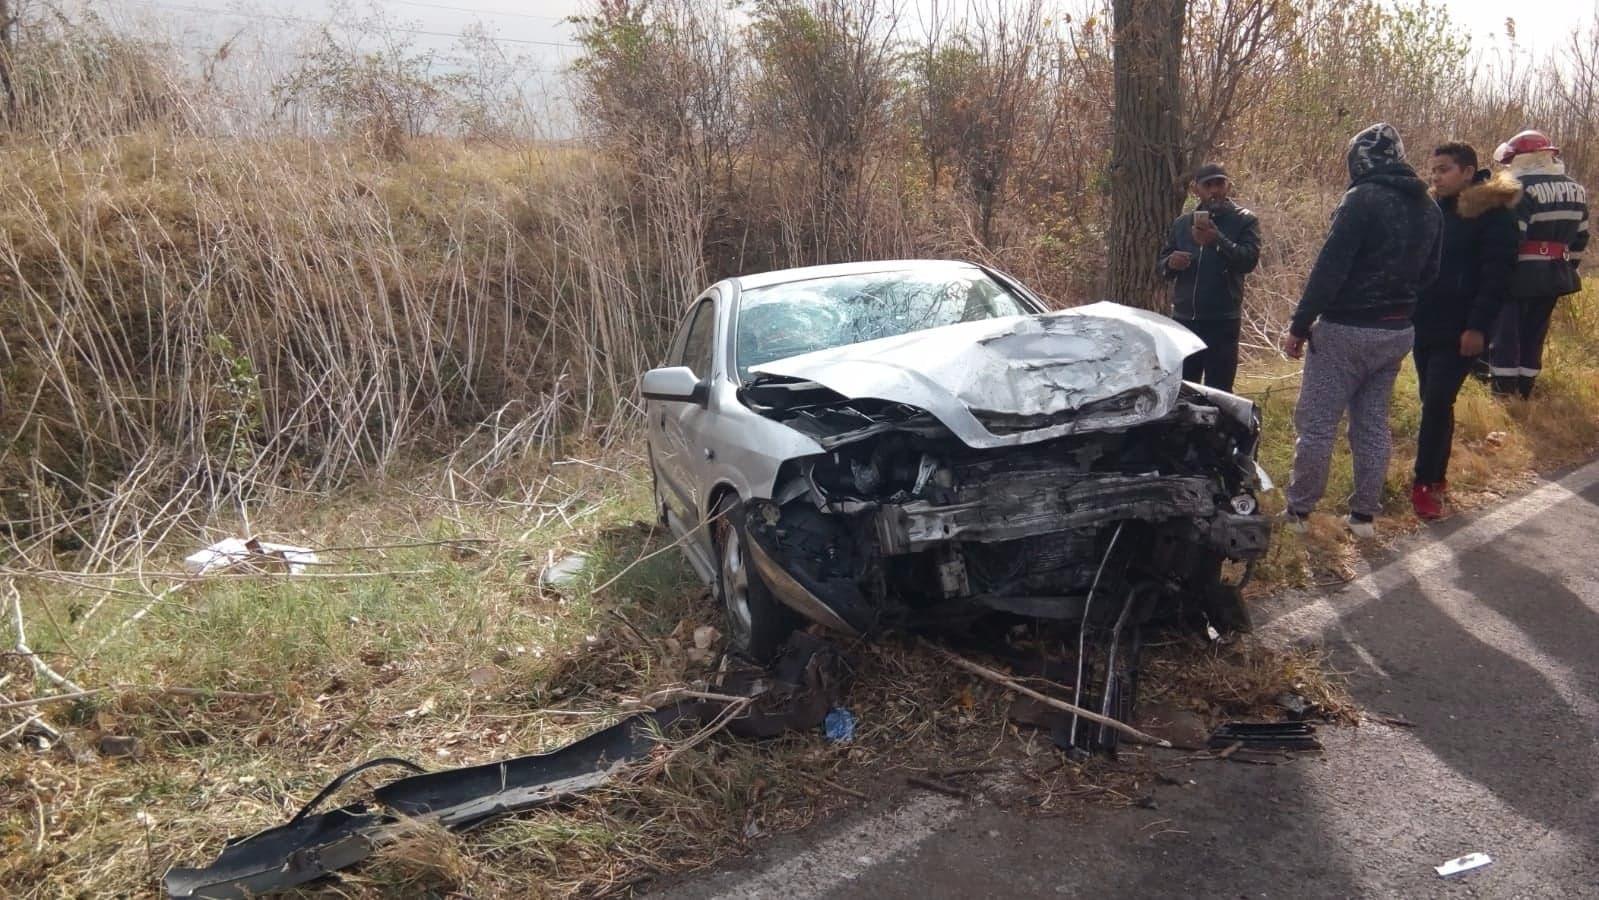 Accident cu cinci victime, dintre care doi copii, pe șoseaua Alexandria -Turnu. Șoferul a intrat cu autoturismul într-un pom